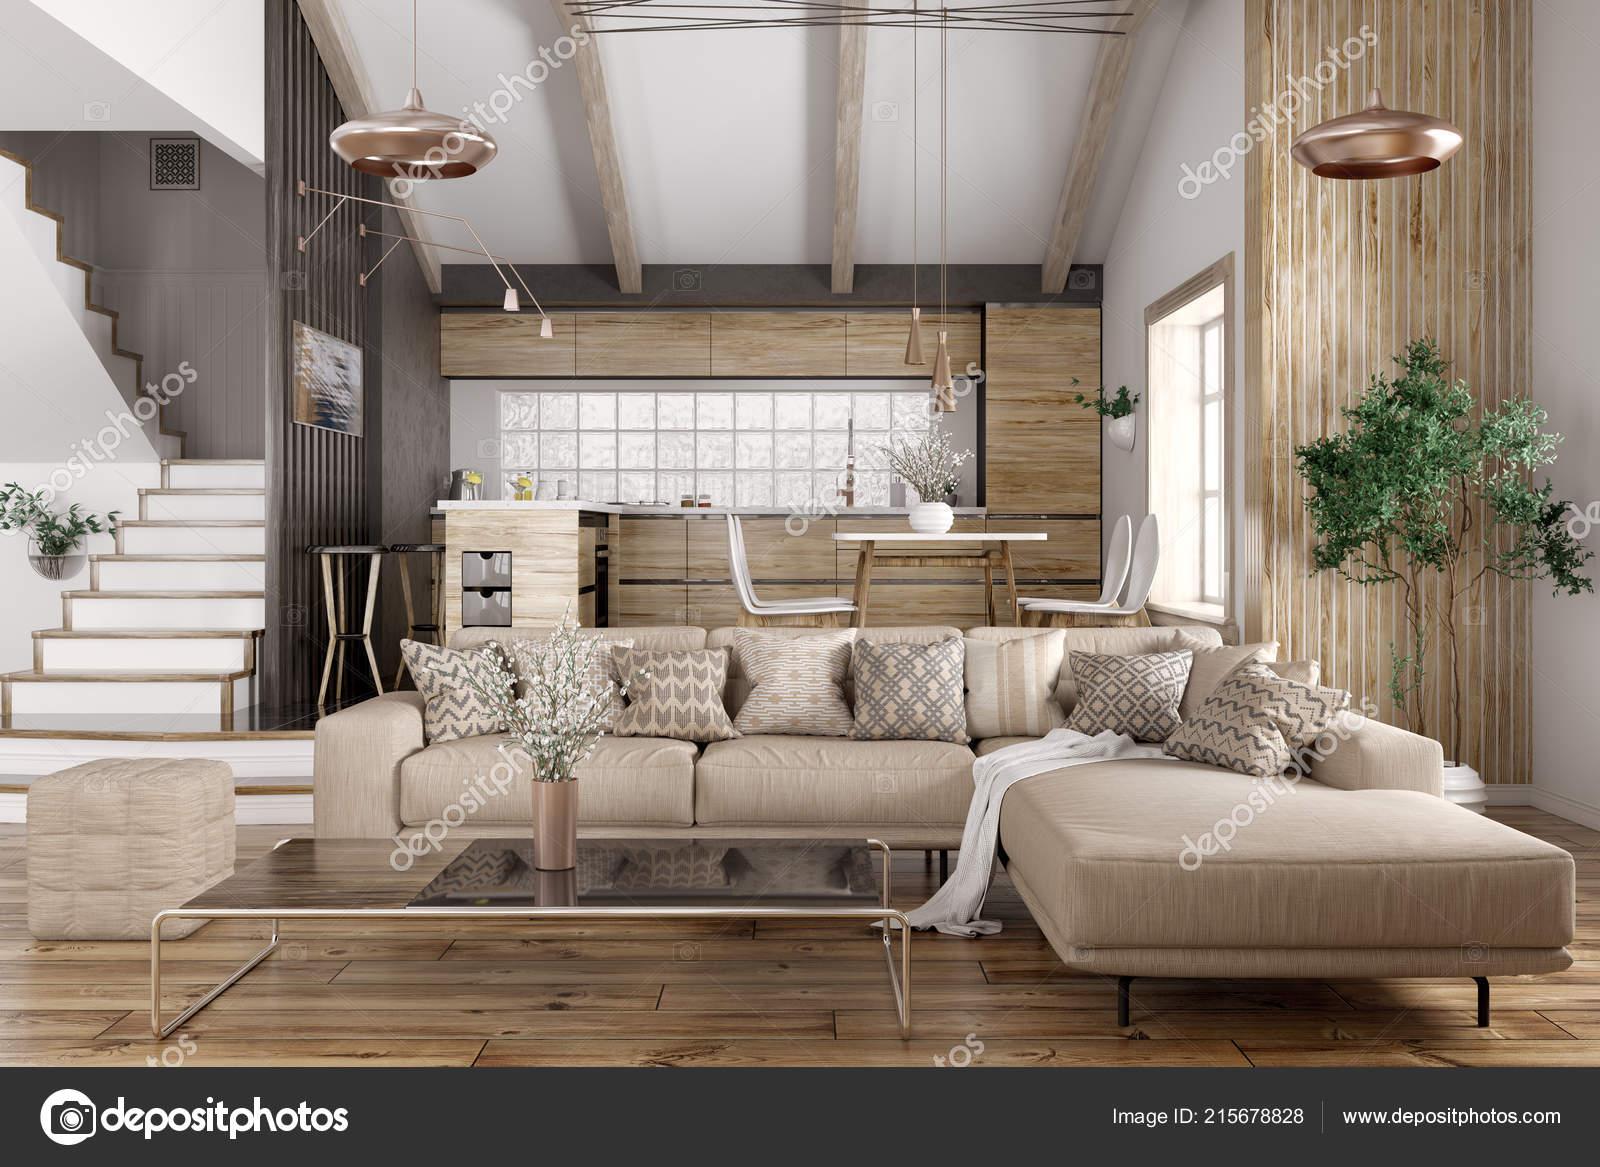 Modernes Interieur Des Hauses Kuche Wohnzimmer Mit Sofa Treppe